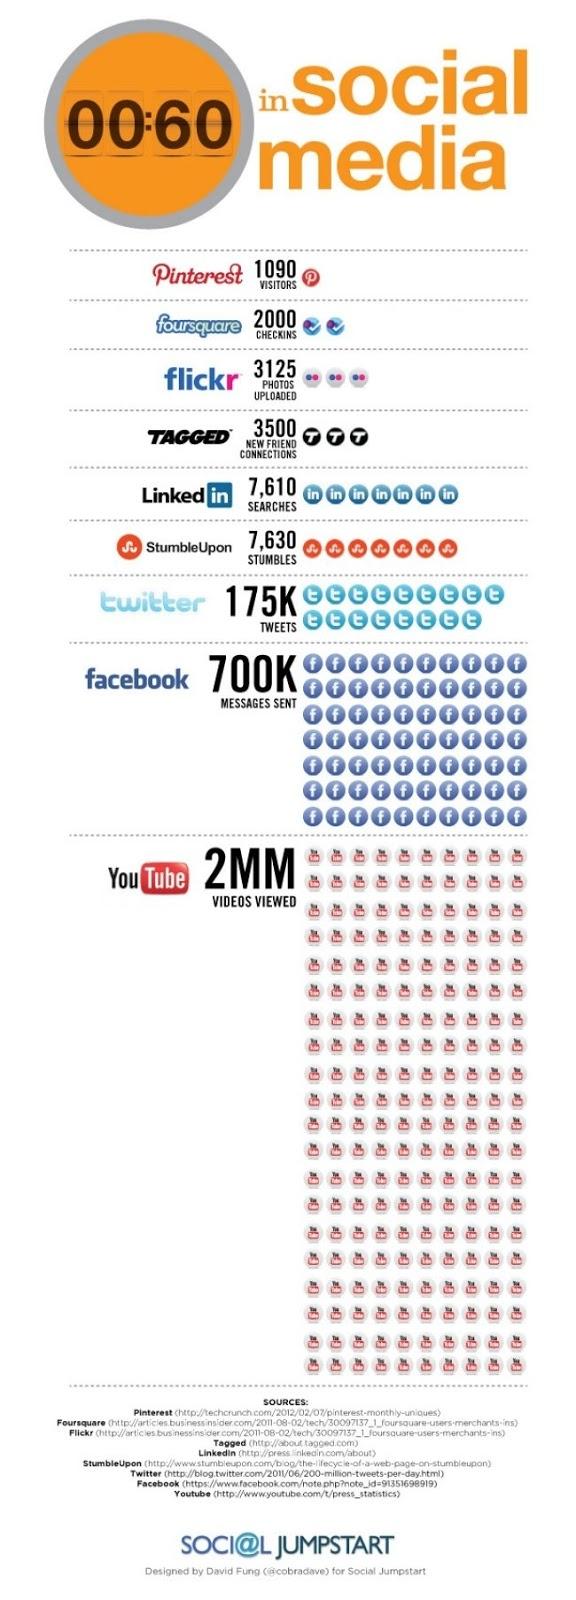 NetStyle BCN - 60 segundos en la vida de las Redes Sociales